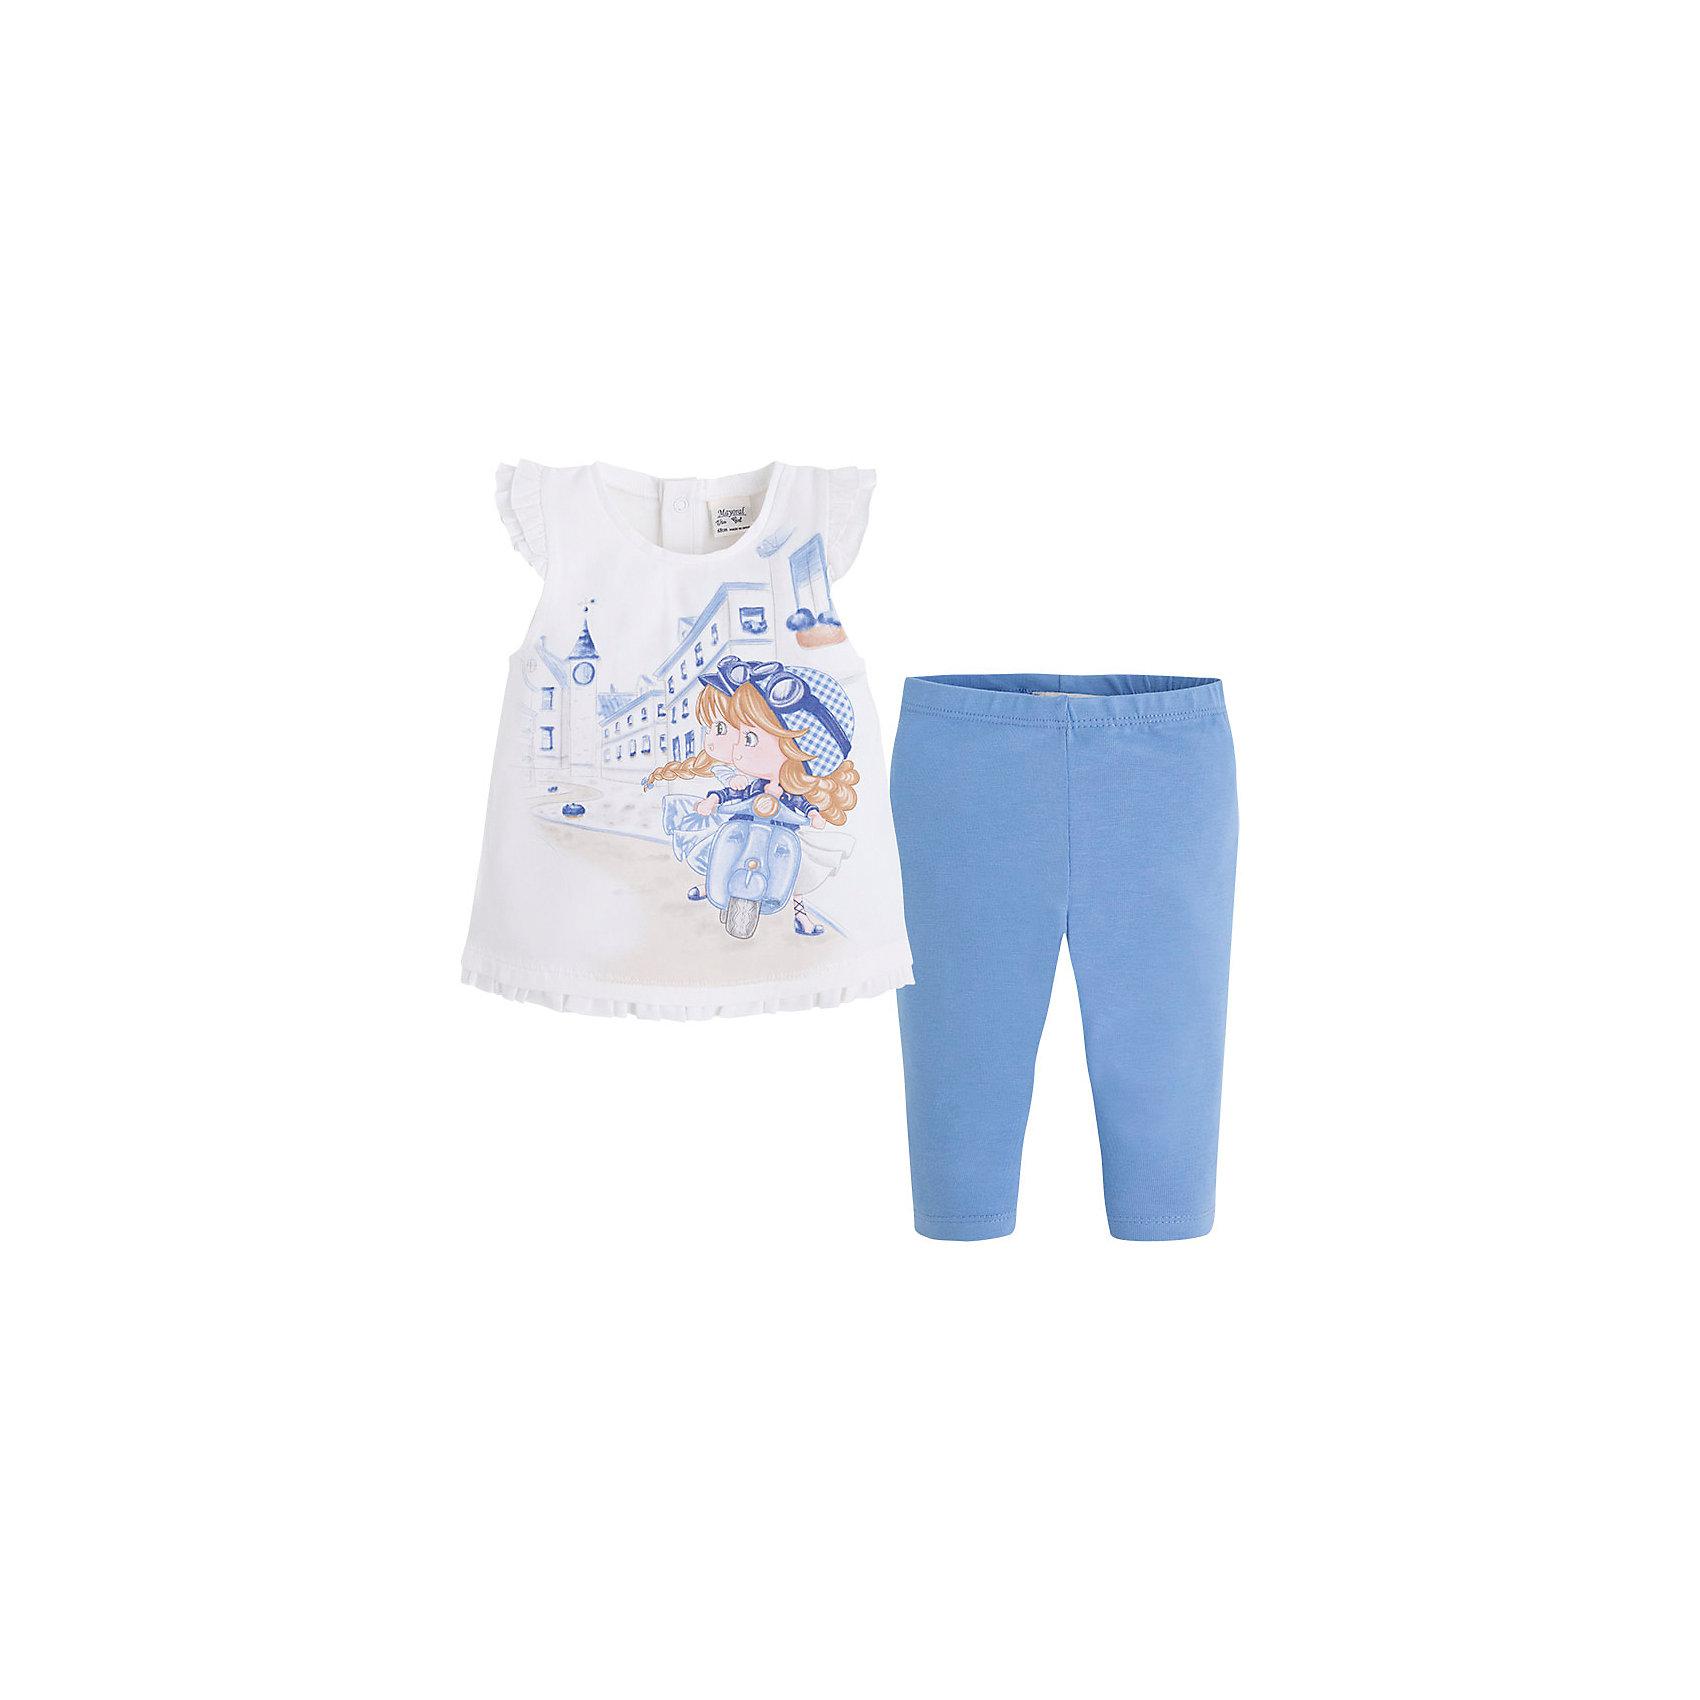 Комплект для девочки: футболка и леггинсы MayoralКомплект: леггинсы и футболка для девочки от испанской марки Mayoral приведет в восторг юных модниц.<br><br>Дополнительная информация:<br><br>- Мягкая, приятная на ощупь ткань.<br>- Крой футболки: трапеция.<br>- Округлый вырез горловины.<br>- Оригинальный принт. <br>- Футболка застегивается на кнопки на спине. <br>- Оборки по низу. <br>- Леггинсы на эластичном поясе с резинкой.<br>- Отлично смотрятся на фигуре.<br>- Состав: 92% хлопок, 8% эластан. <br><br>Комплект: леггинсы и футболку для девочки Mayoral (Майорал) можно купить в нашем магазине.<br><br>Ширина мм: 199<br>Глубина мм: 10<br>Высота мм: 161<br>Вес г: 151<br>Цвет: синий<br>Возраст от месяцев: 6<br>Возраст до месяцев: 9<br>Пол: Женский<br>Возраст: Детский<br>Размер: 74,92,80,86<br>SKU: 4537943